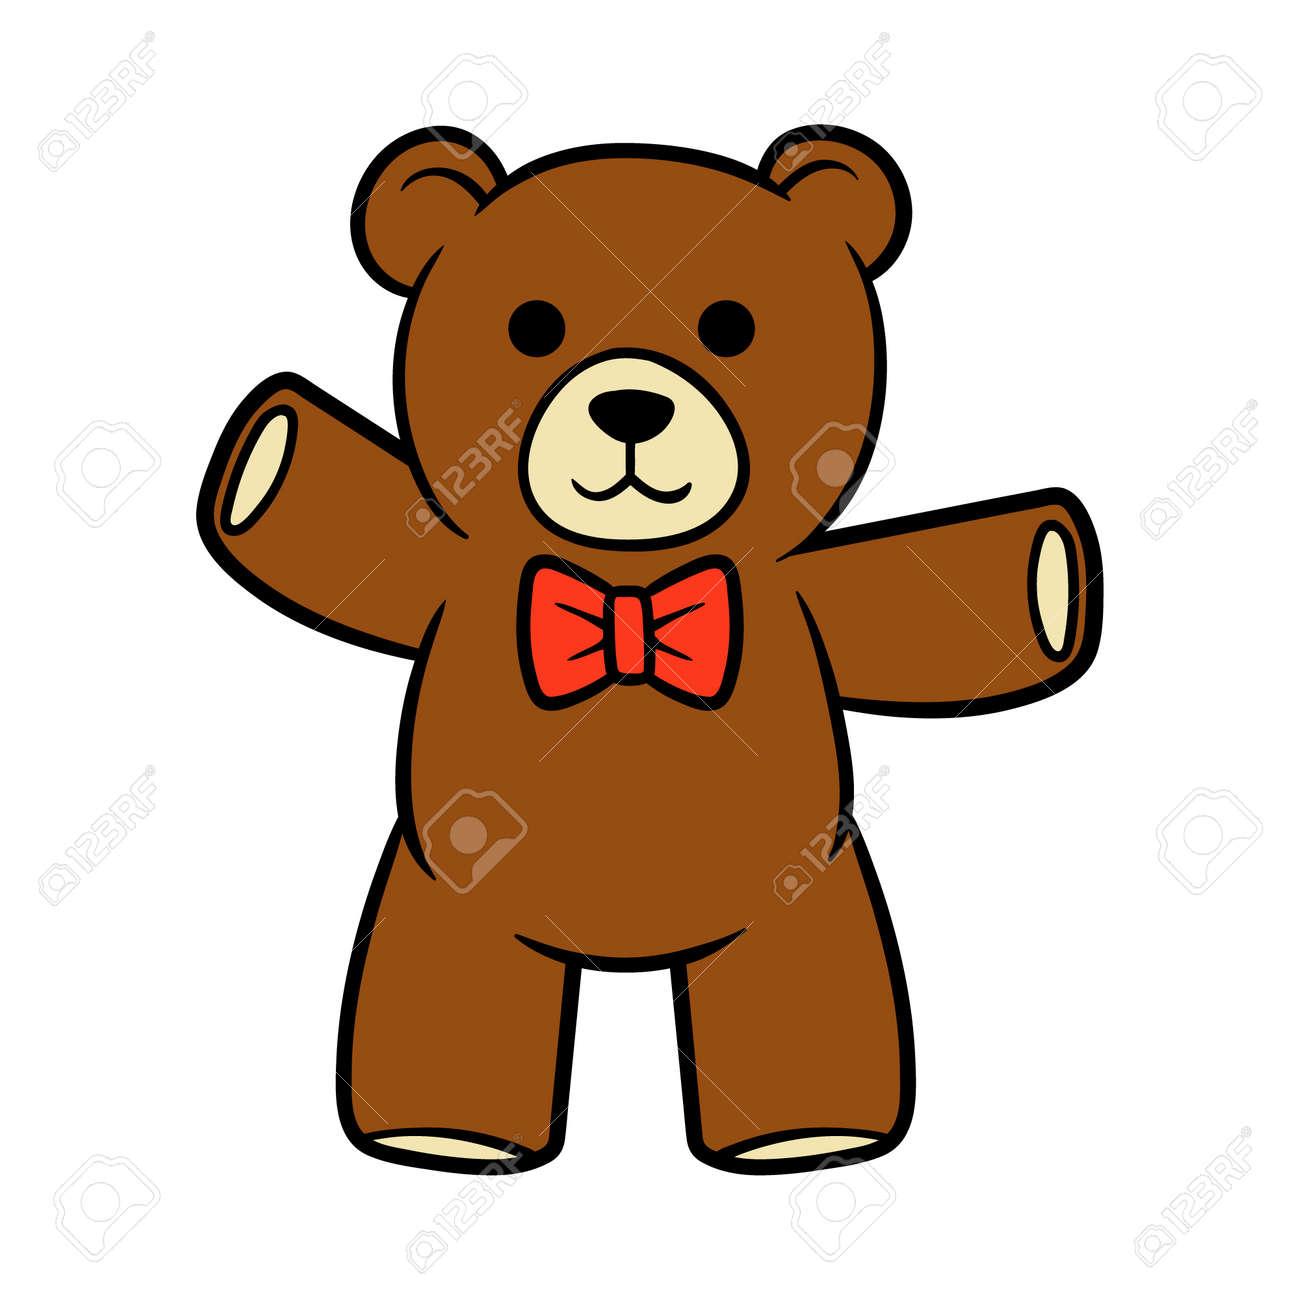 cartoon teddy bear vector illustration royalty free cliparts rh 123rf com teddy bear vector icon teddy bear vector icon